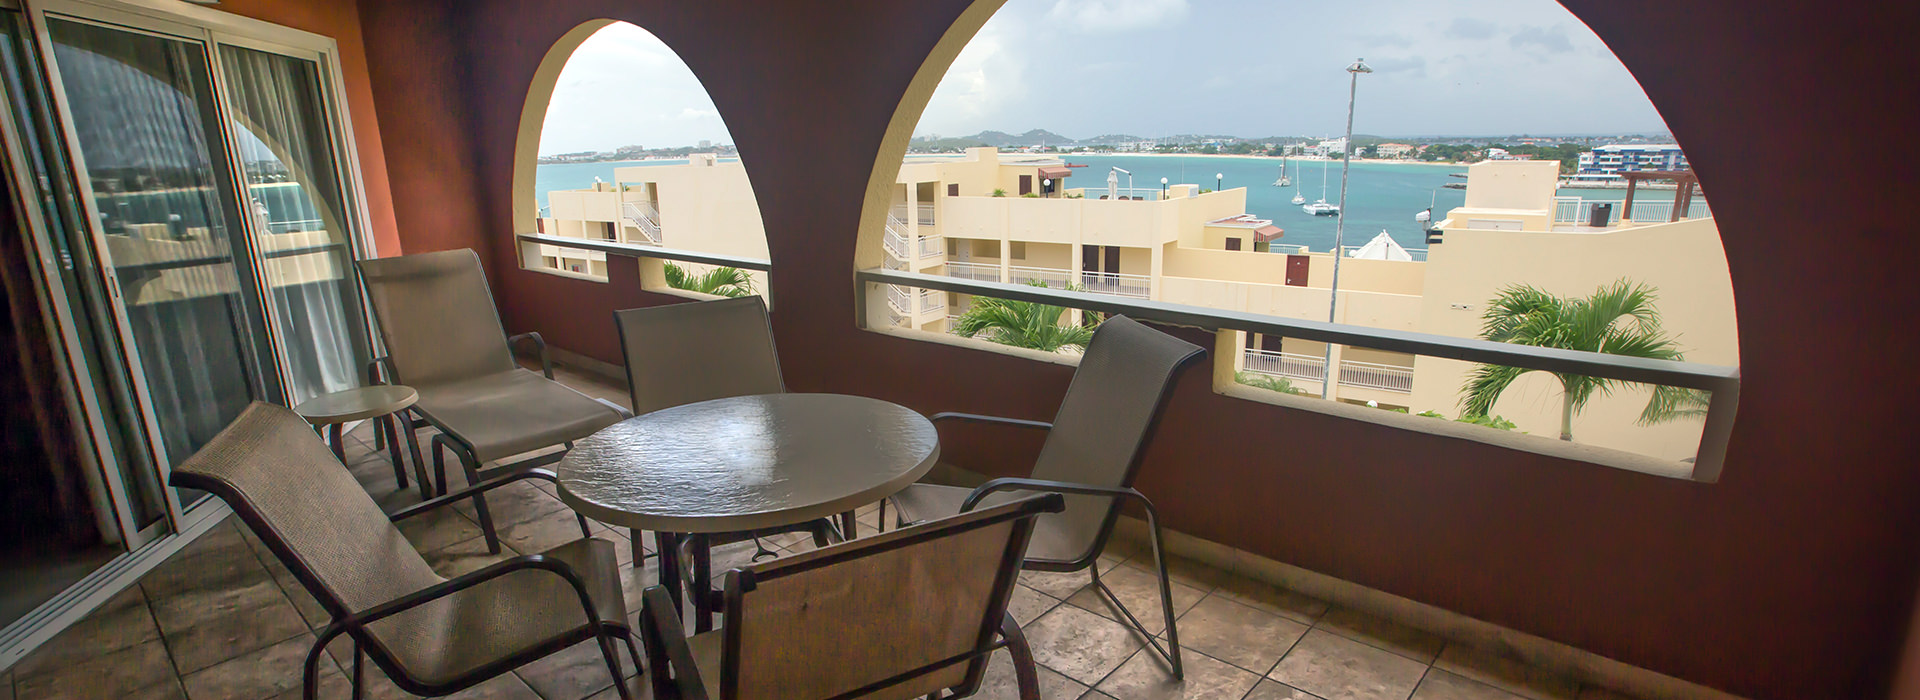 villa with kitchen in Cancun resort